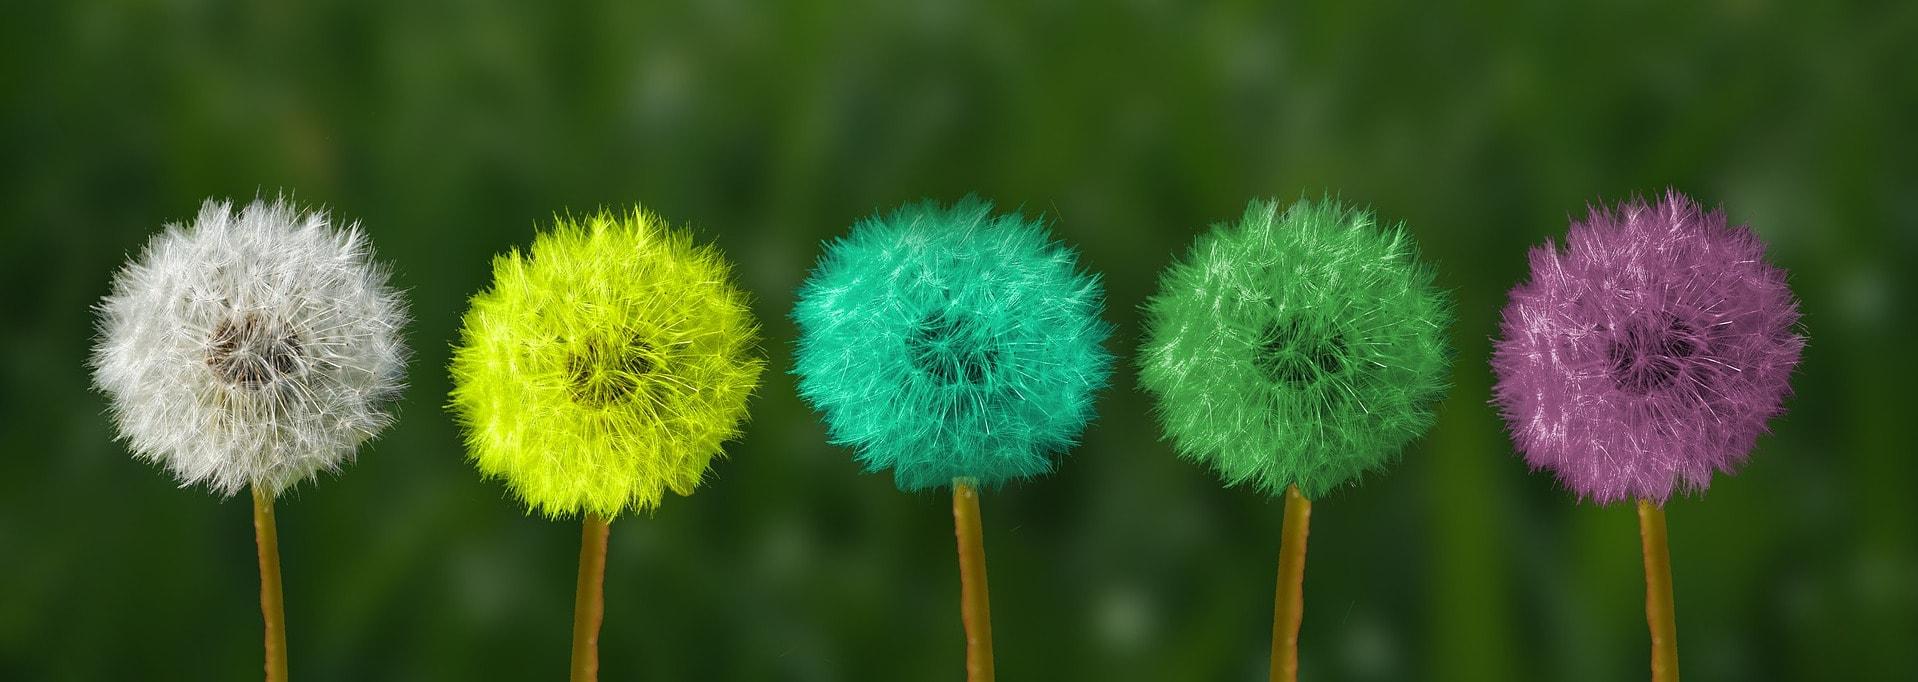 5 fleurs de pollen avec 5 couleurs différentes